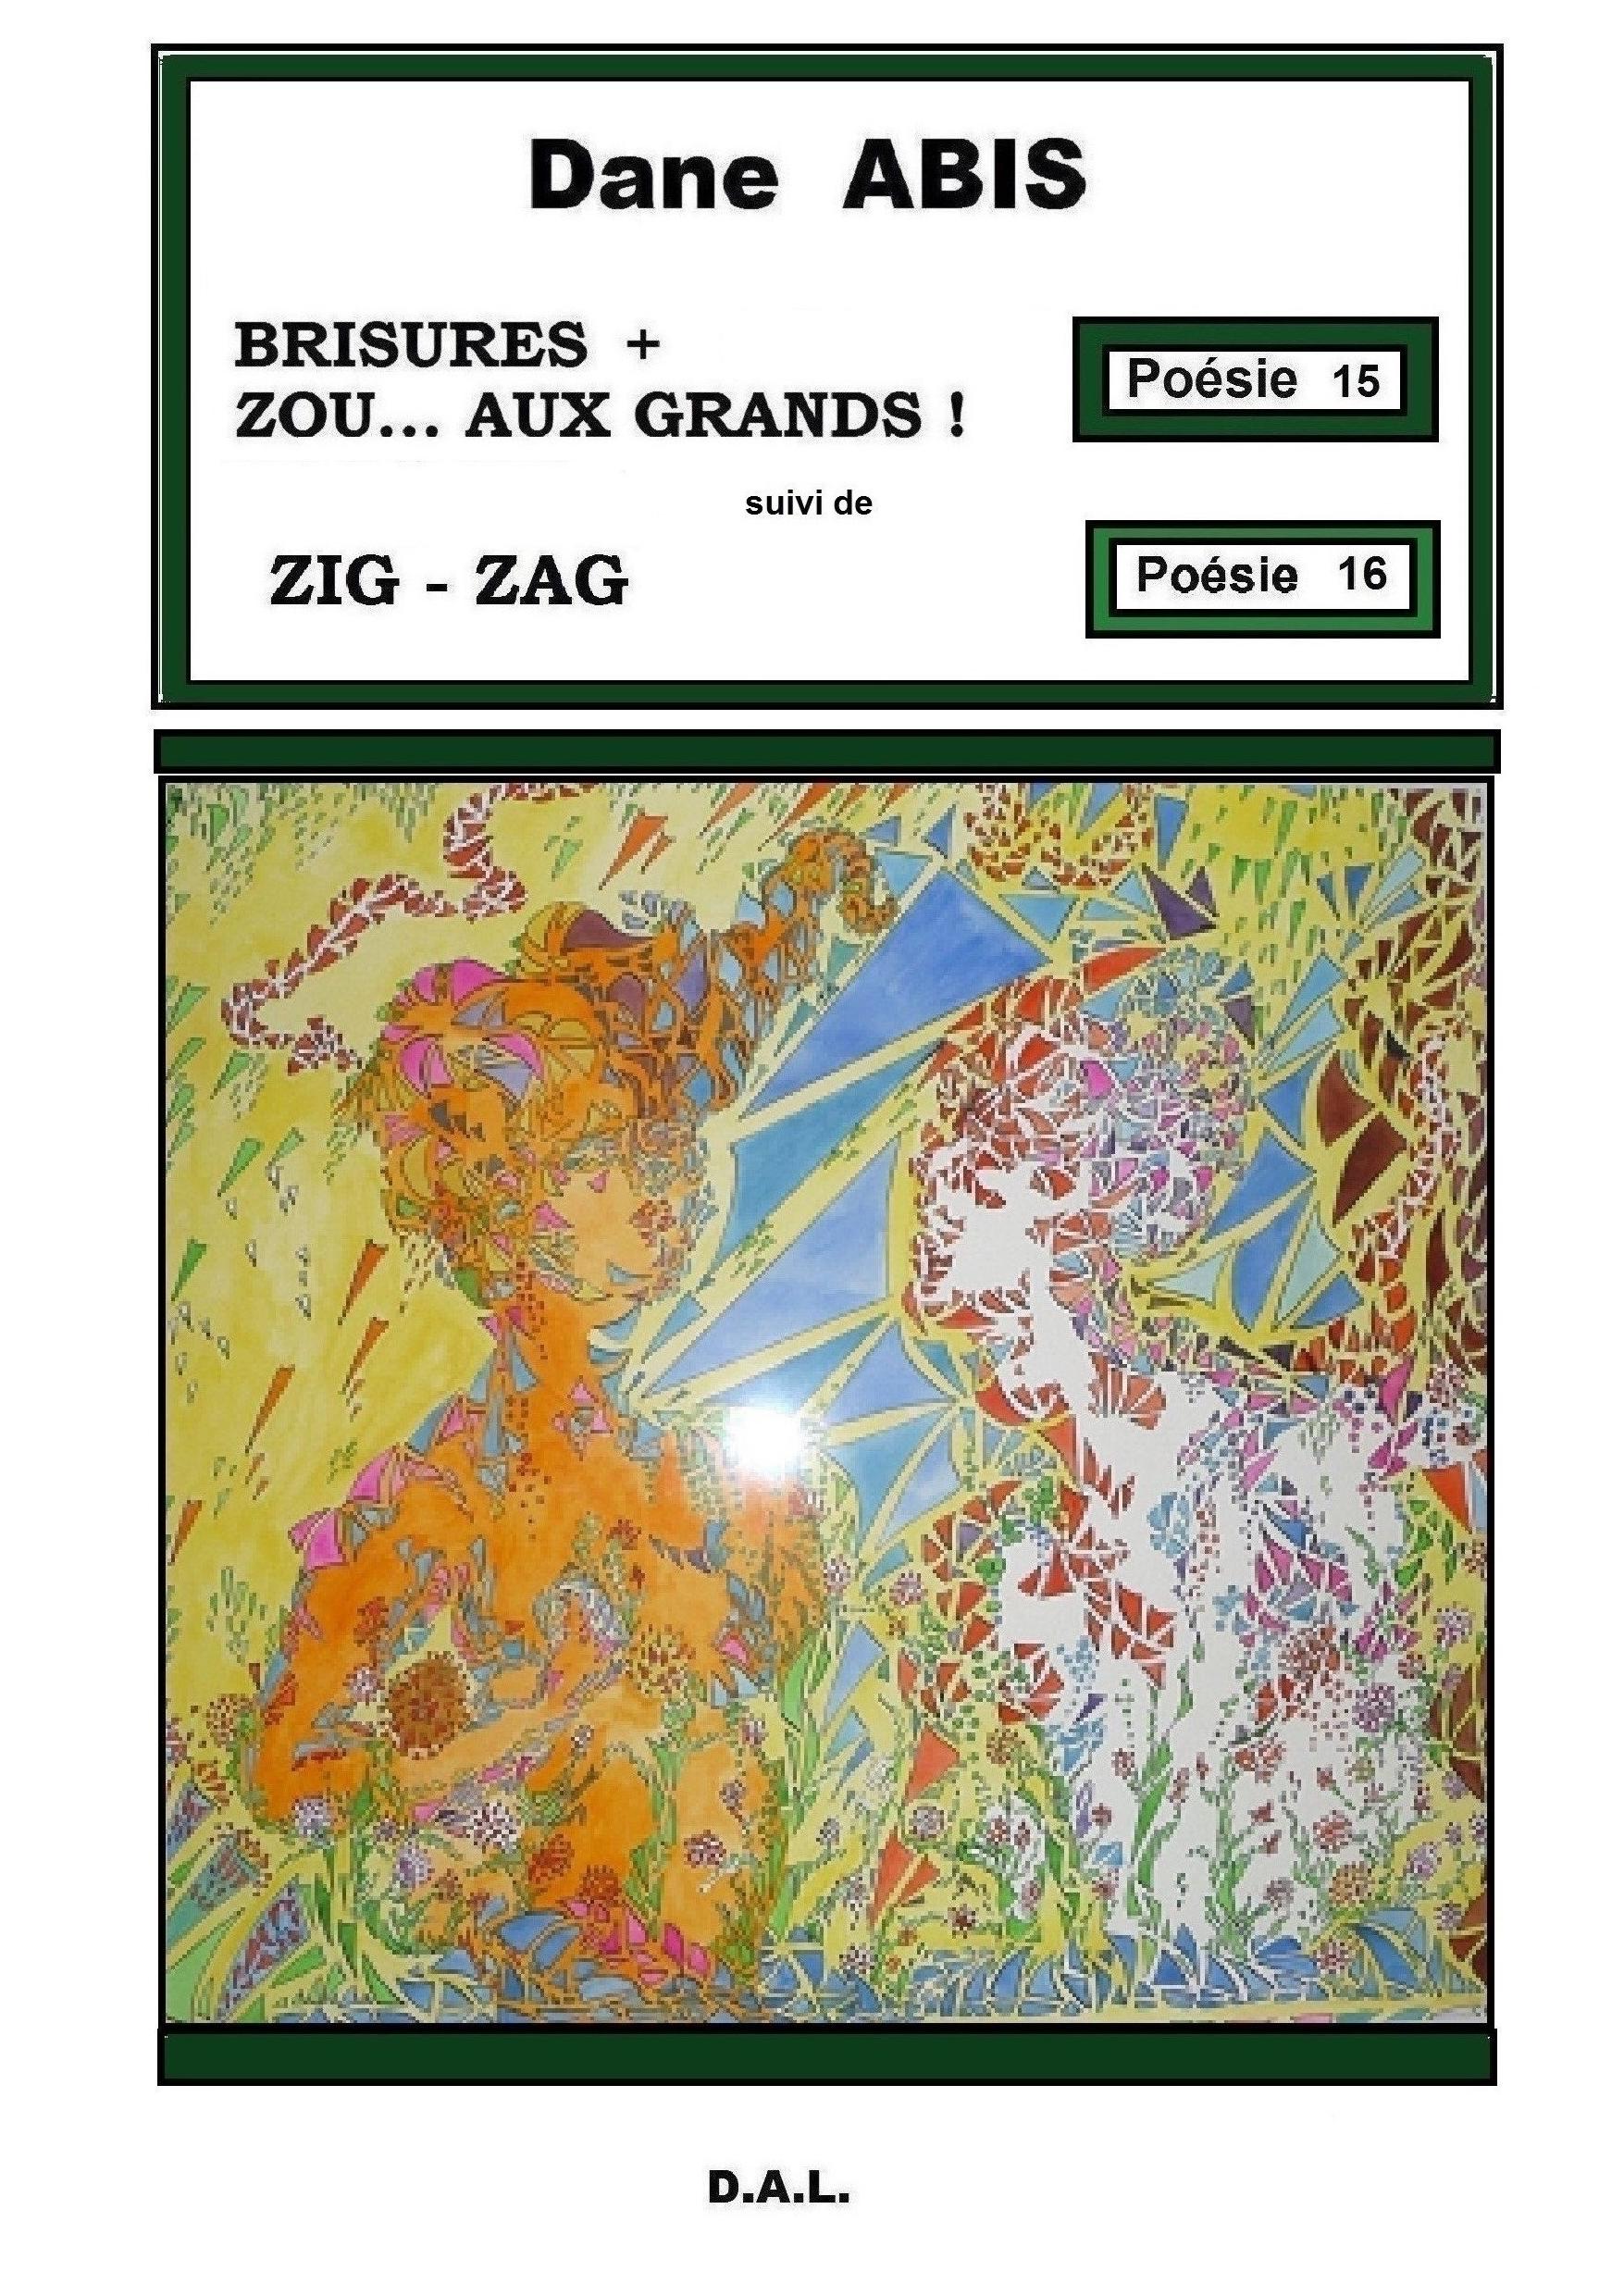 BRISURES + ZOU...AUX GRANDS! + ZIG ZAG